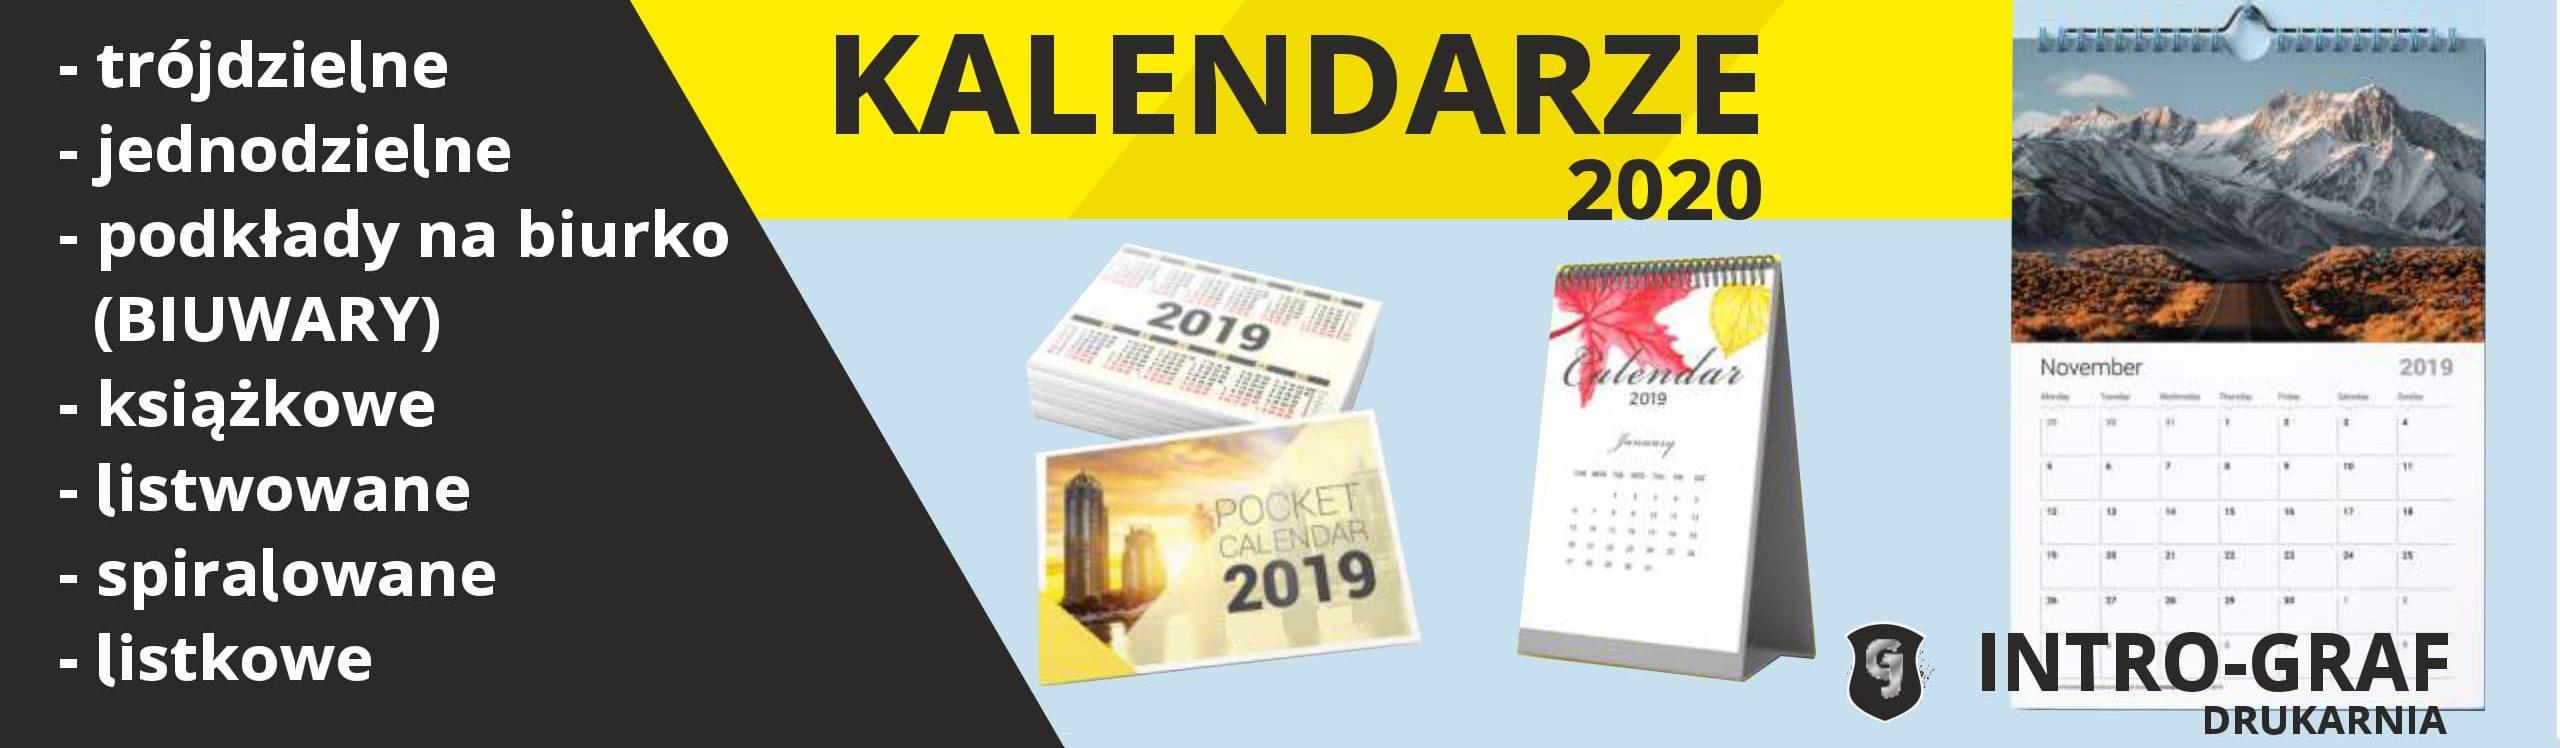 slider kalendarze